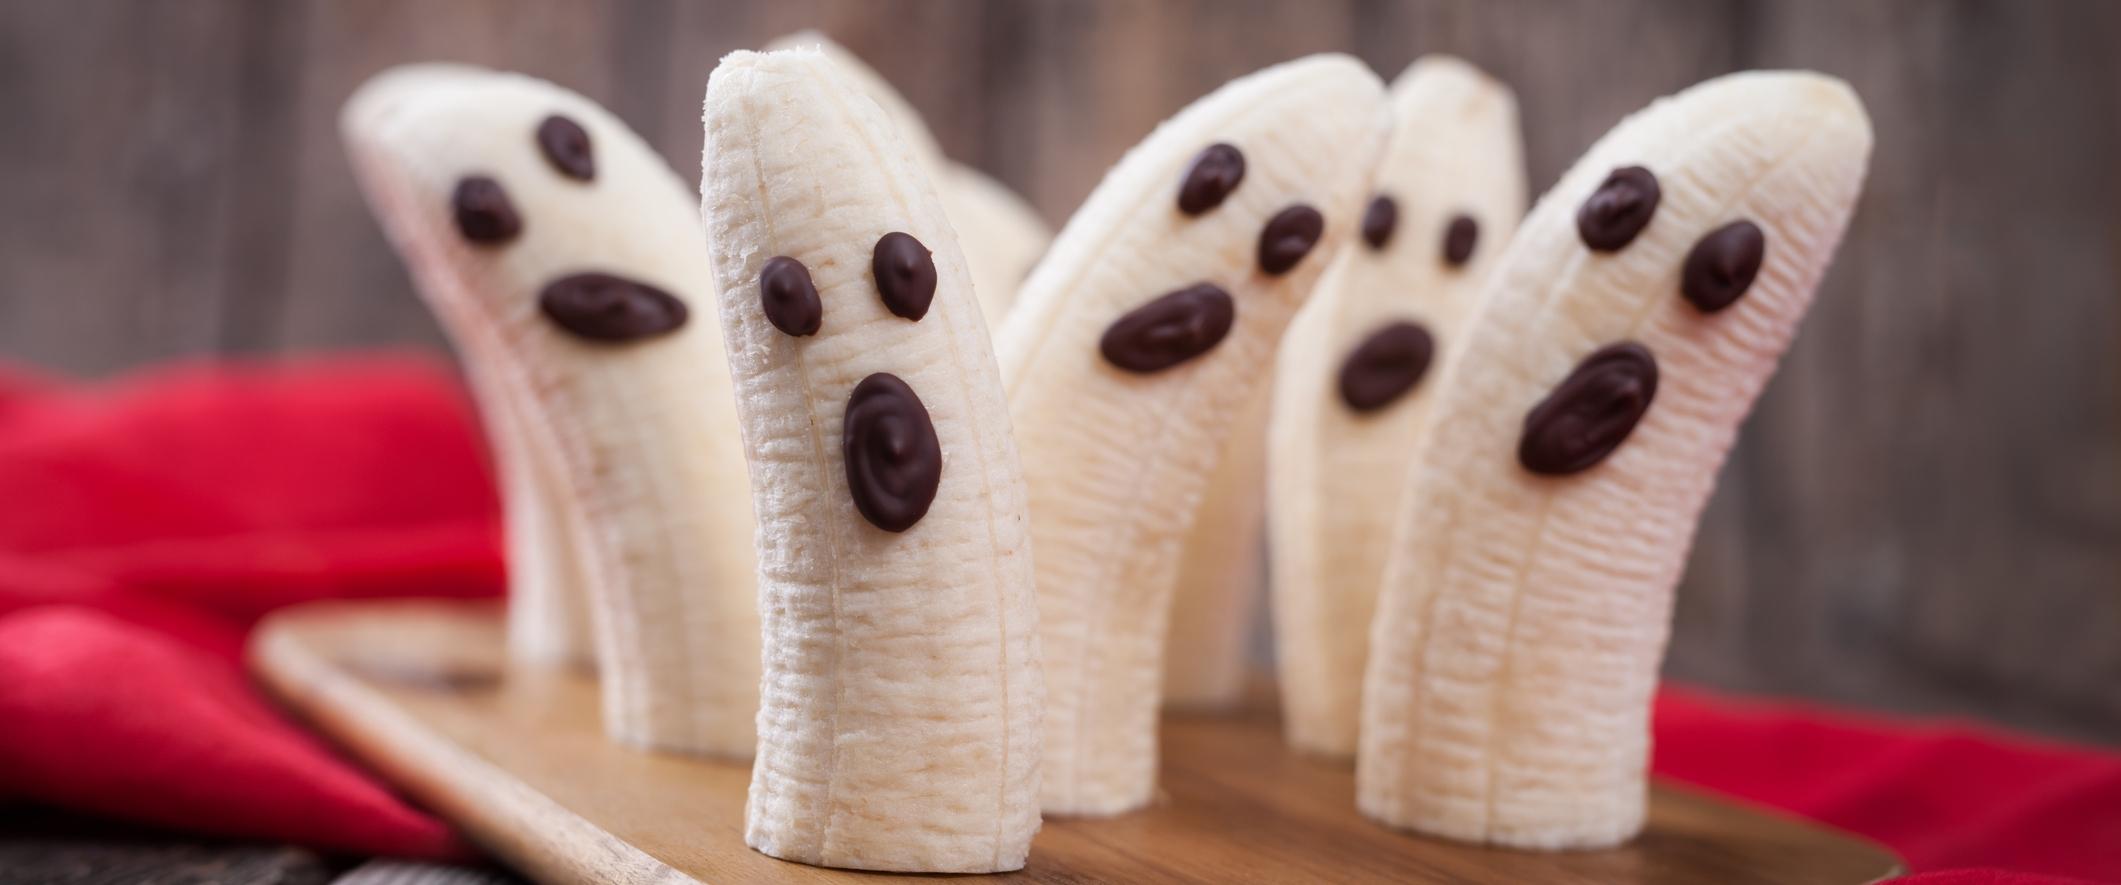 Sukkerfri halloween